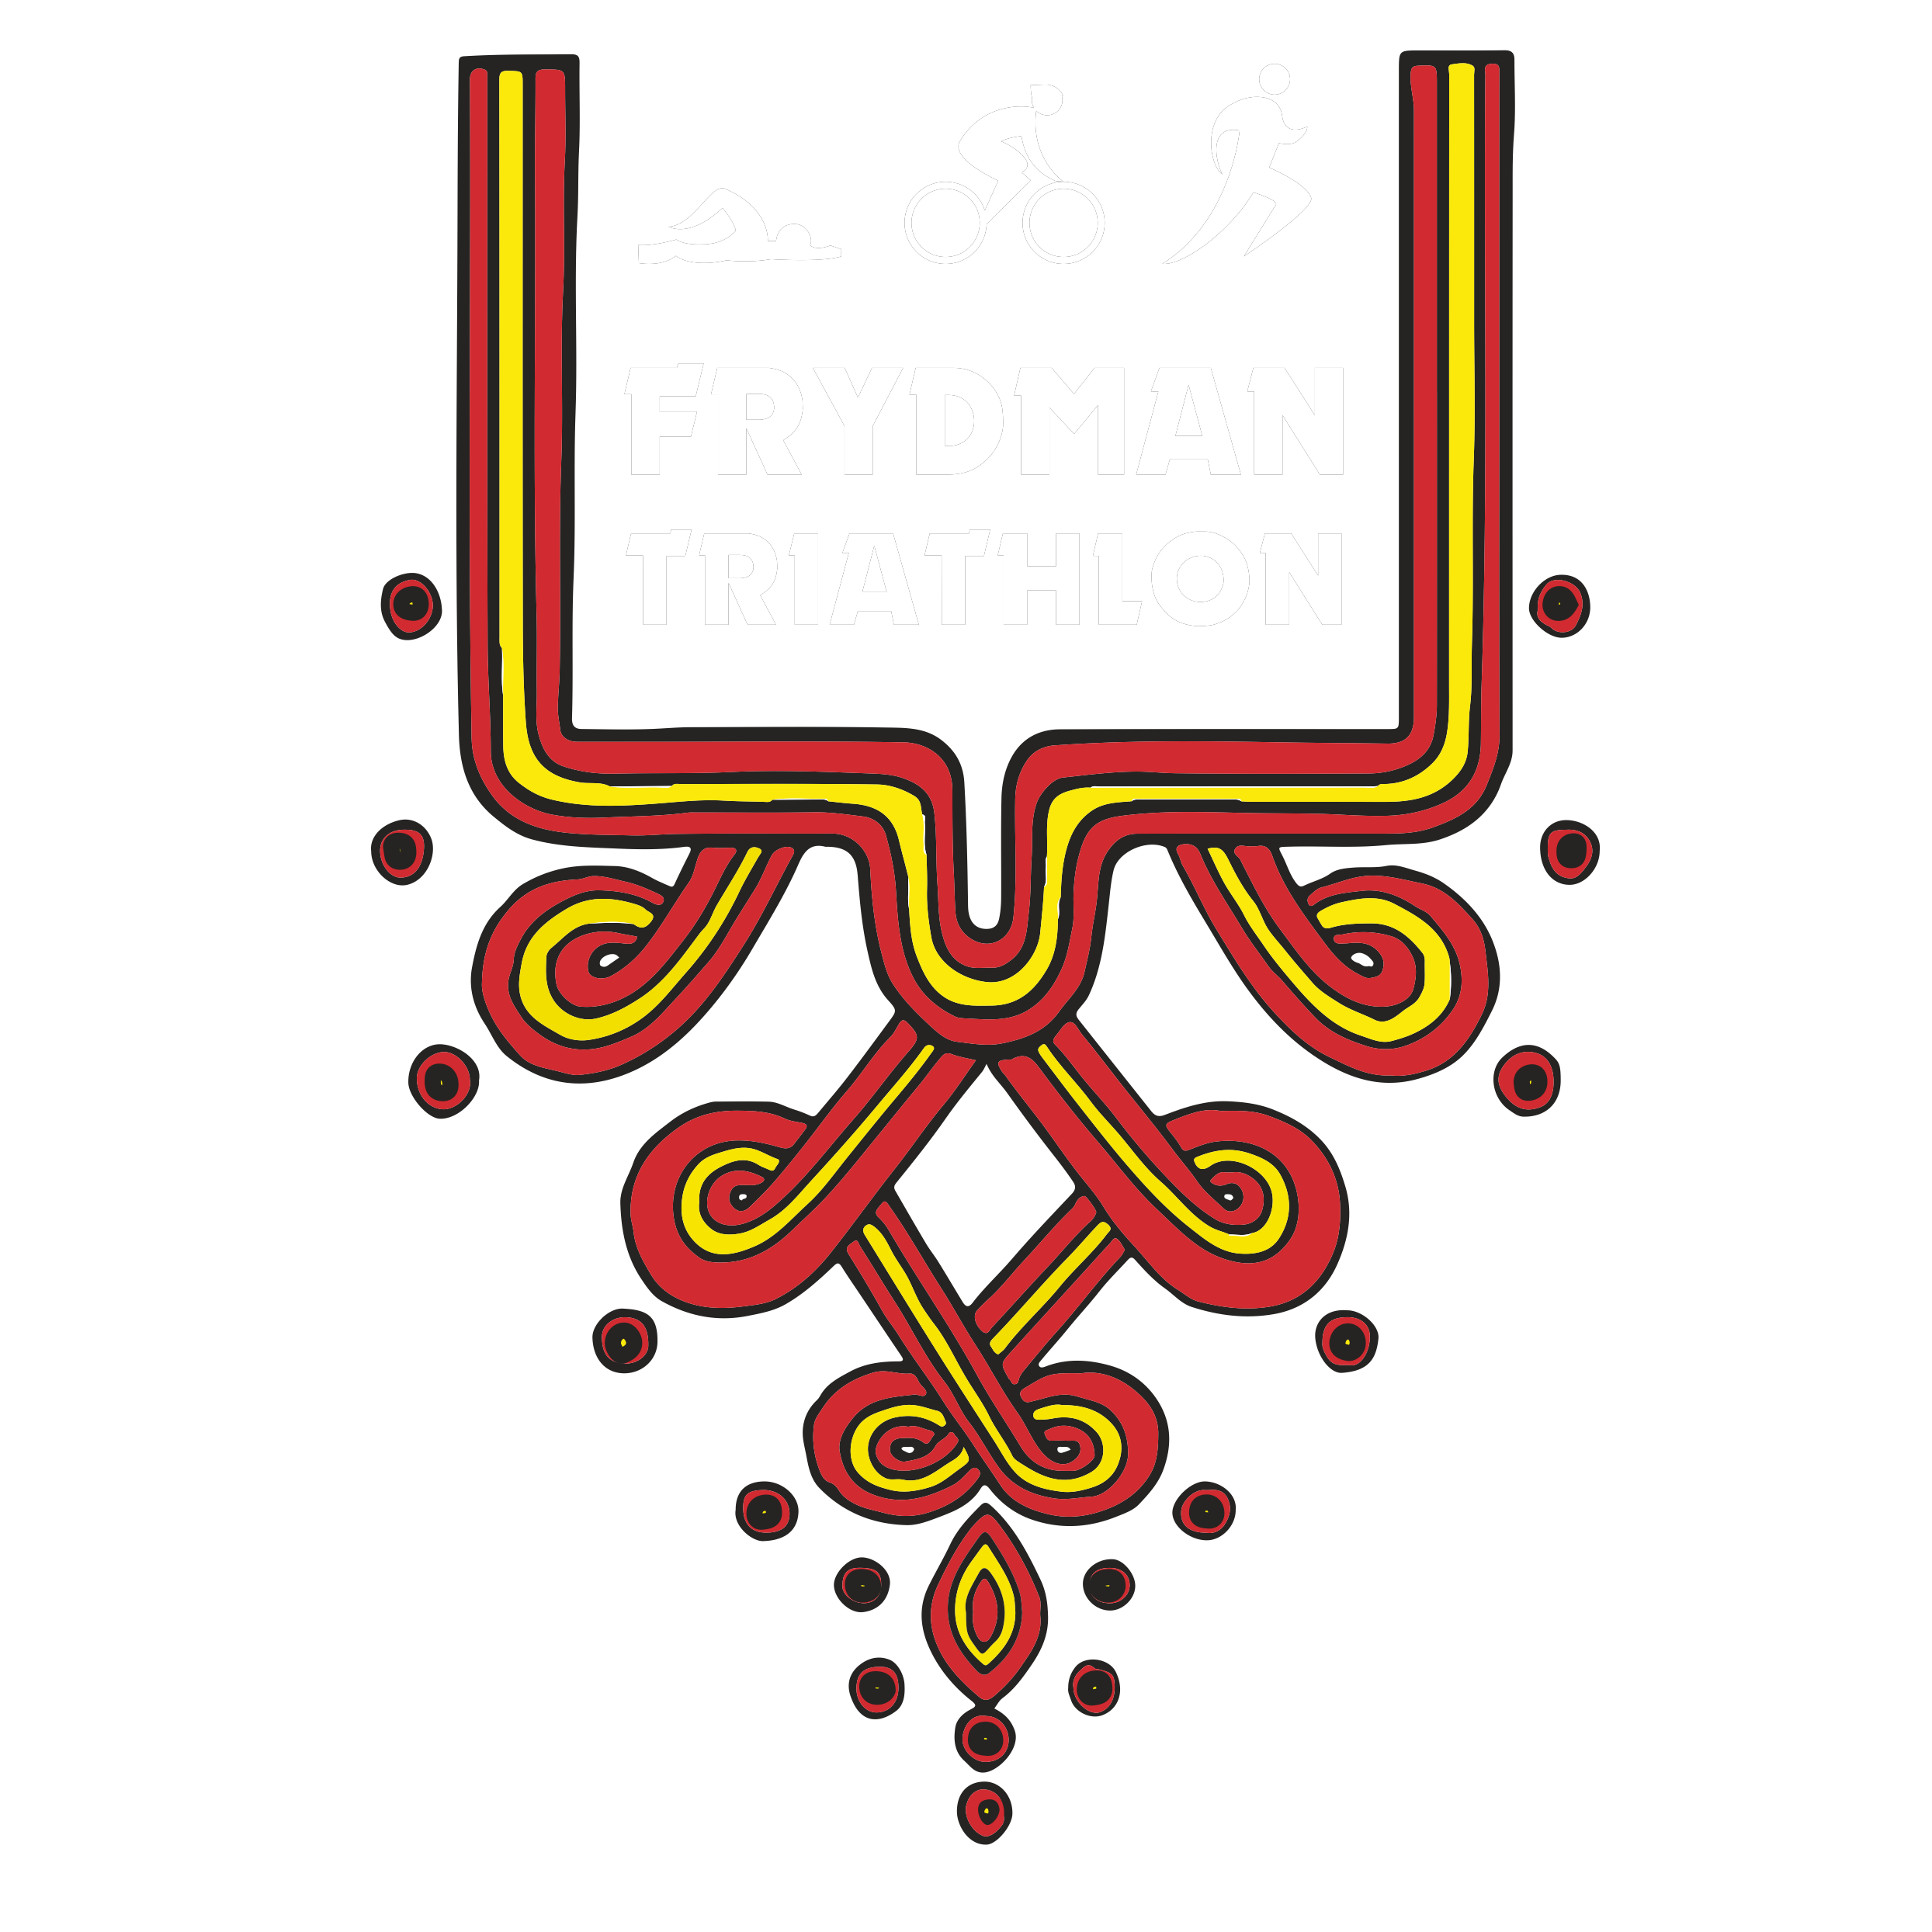 X Frydman Triathlon